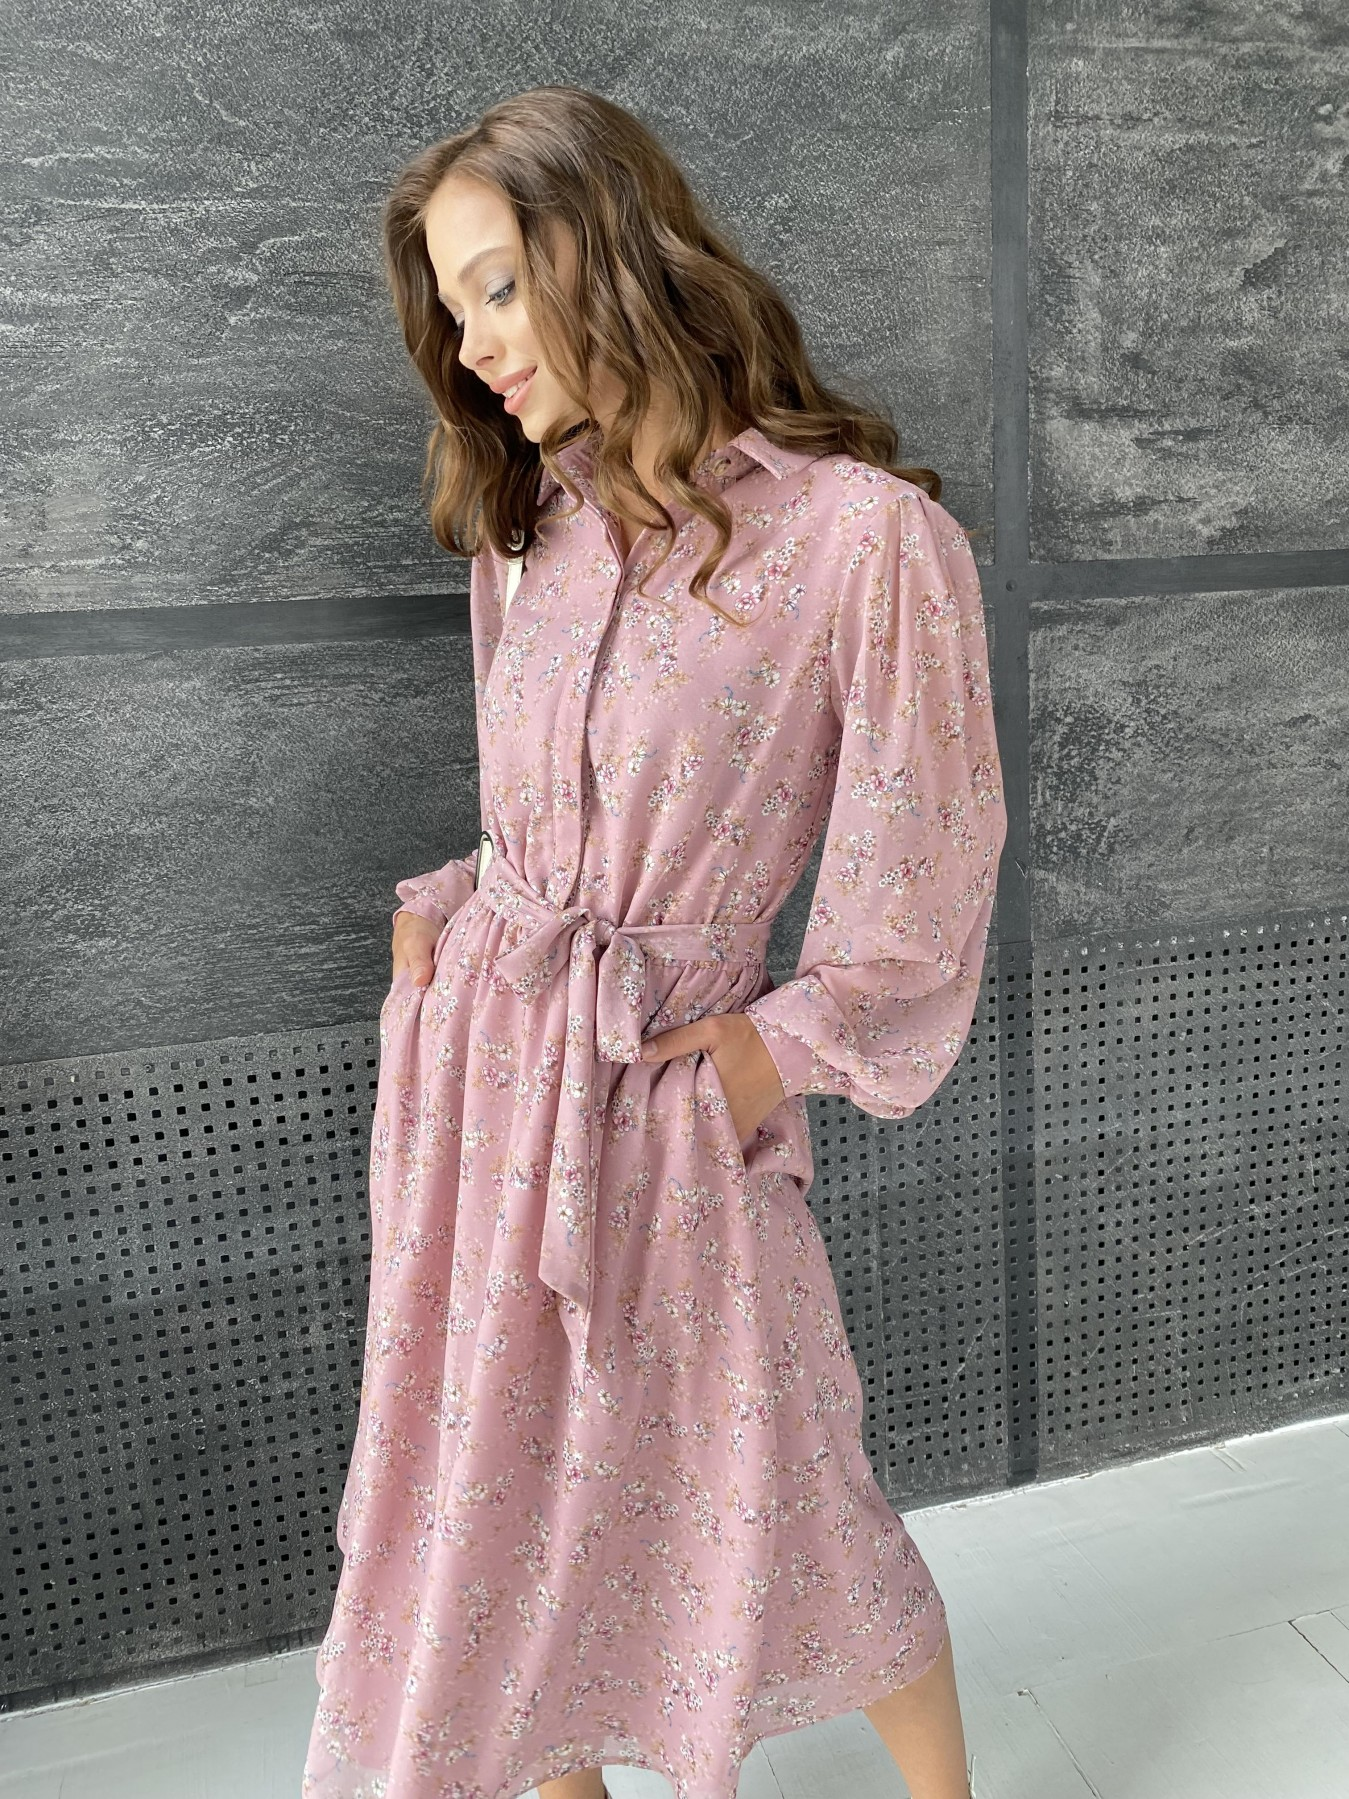 Жасмин платье из  шифона микро принт с длинным рукавом не стрейч 11685  АРТ. 48391 Цвет:  Пудра Т/Мол/Беж/ЦвНаВетке - фото 8, интернет магазин tm-modus.ru